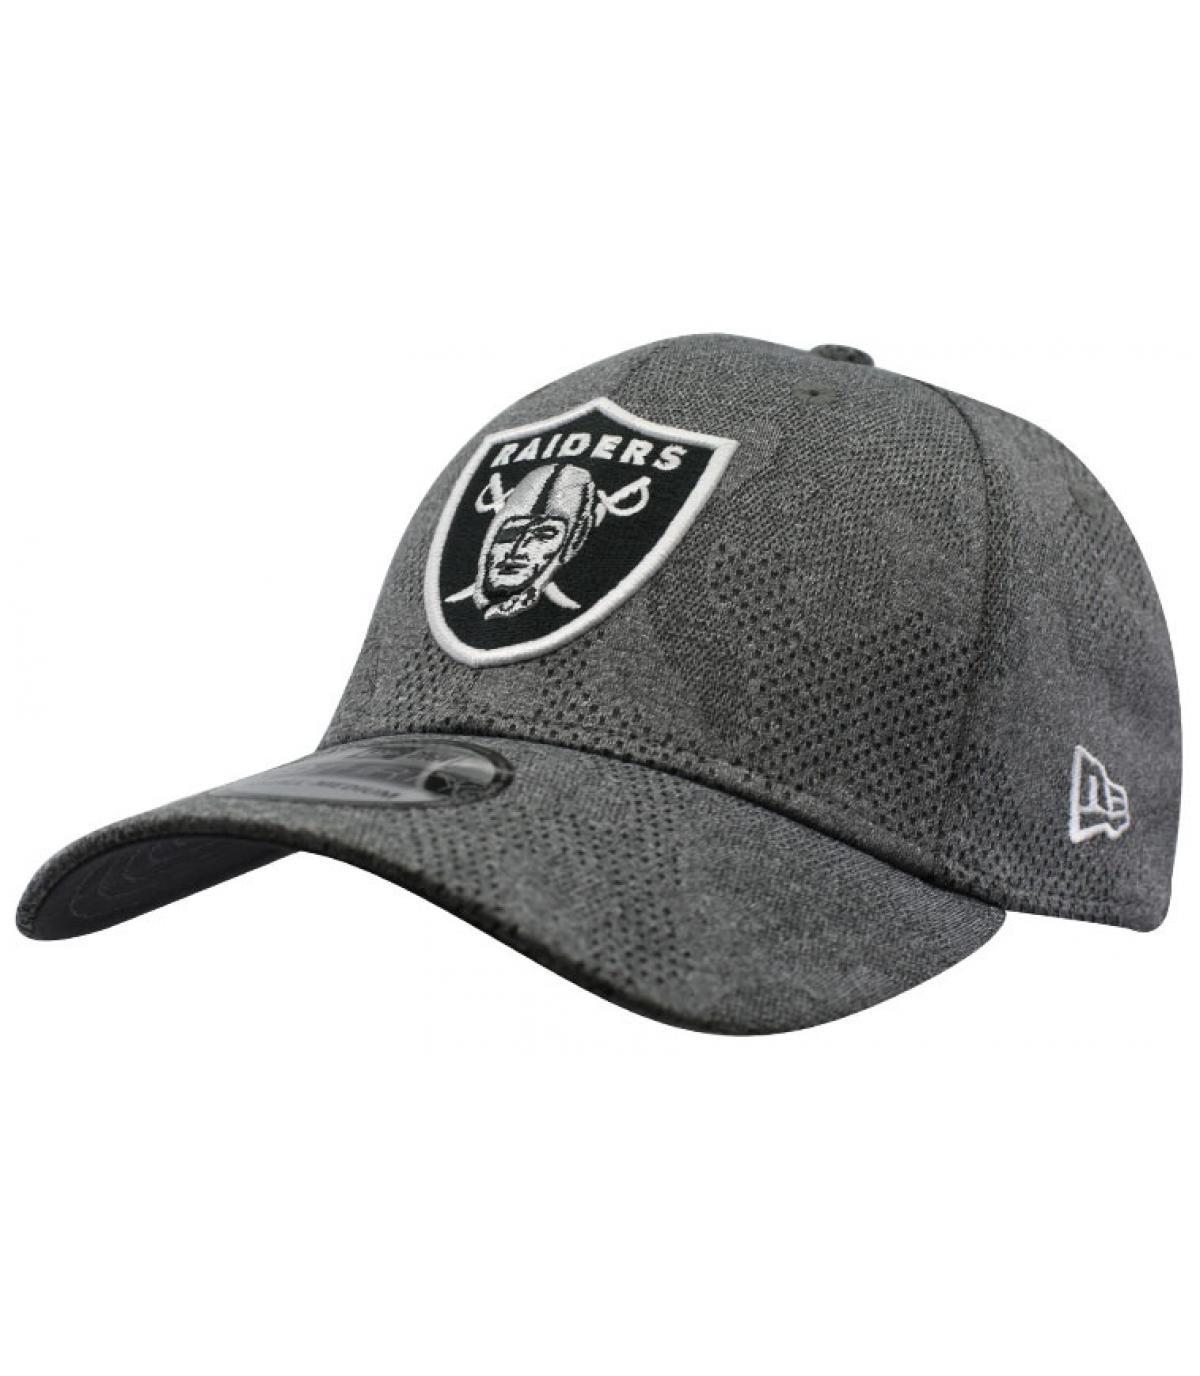 gorra Raiders gris negro